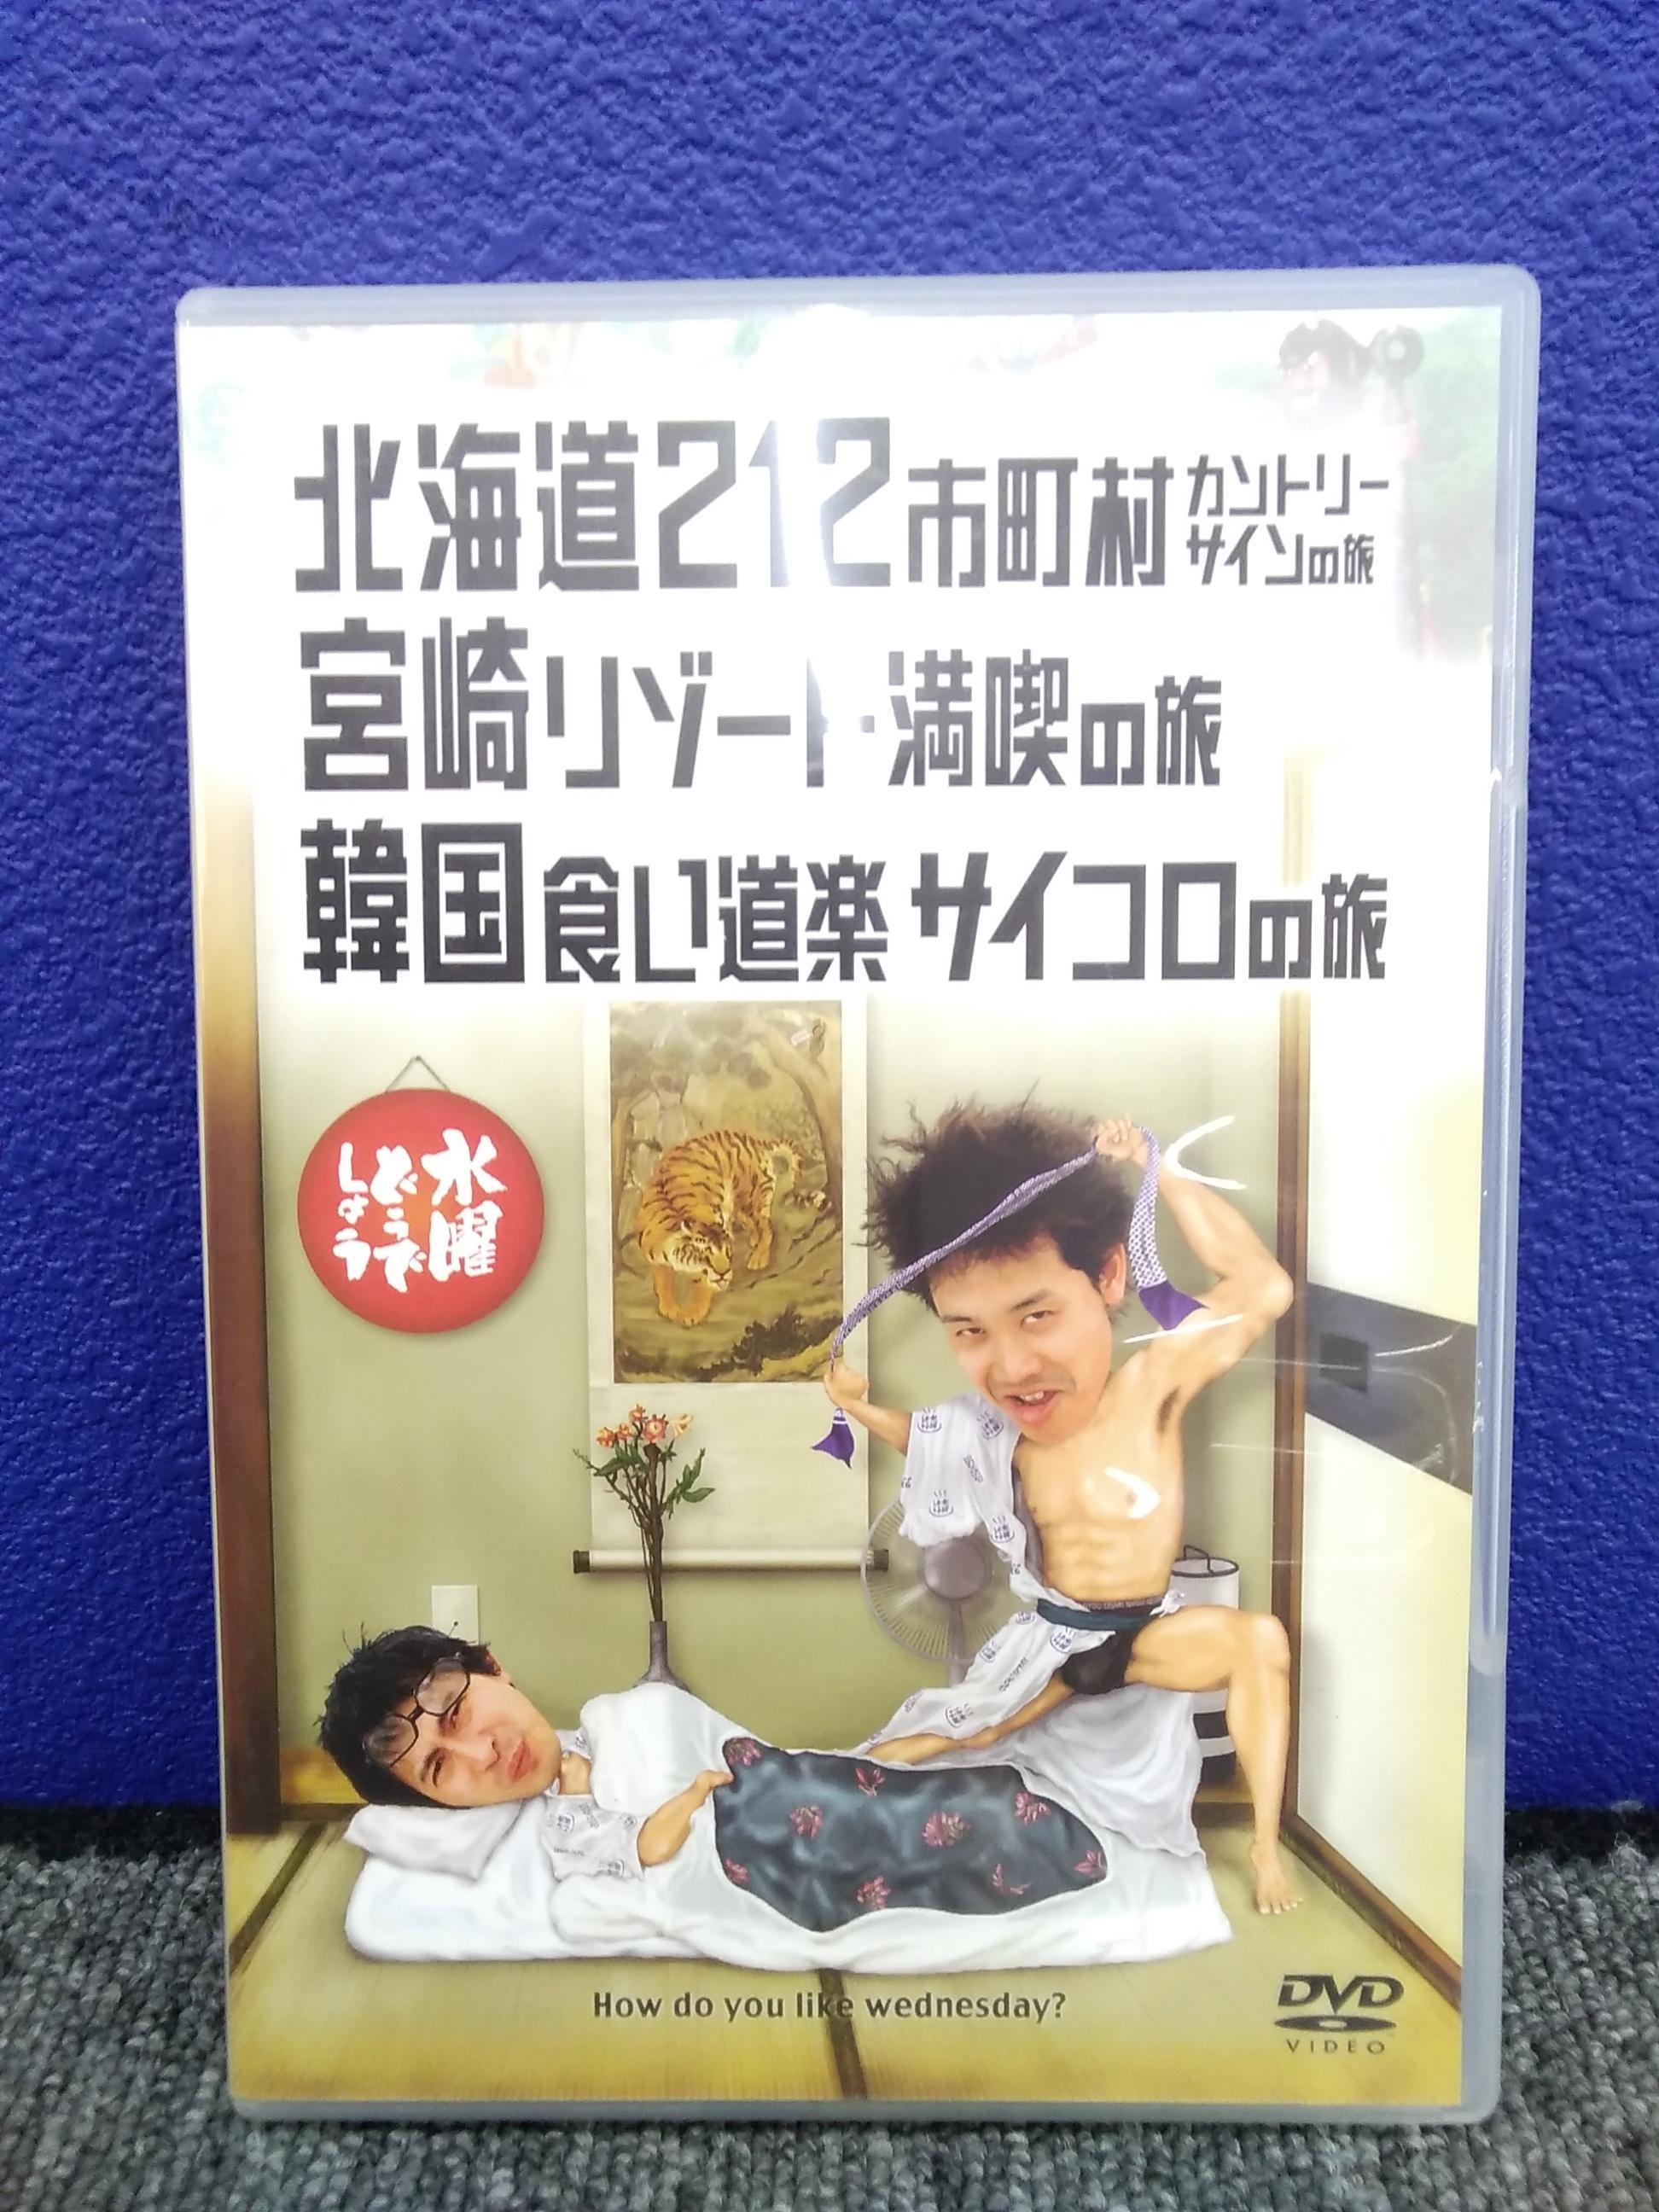 水曜どうでしょう 第5弾|HTB 北海道テレビ